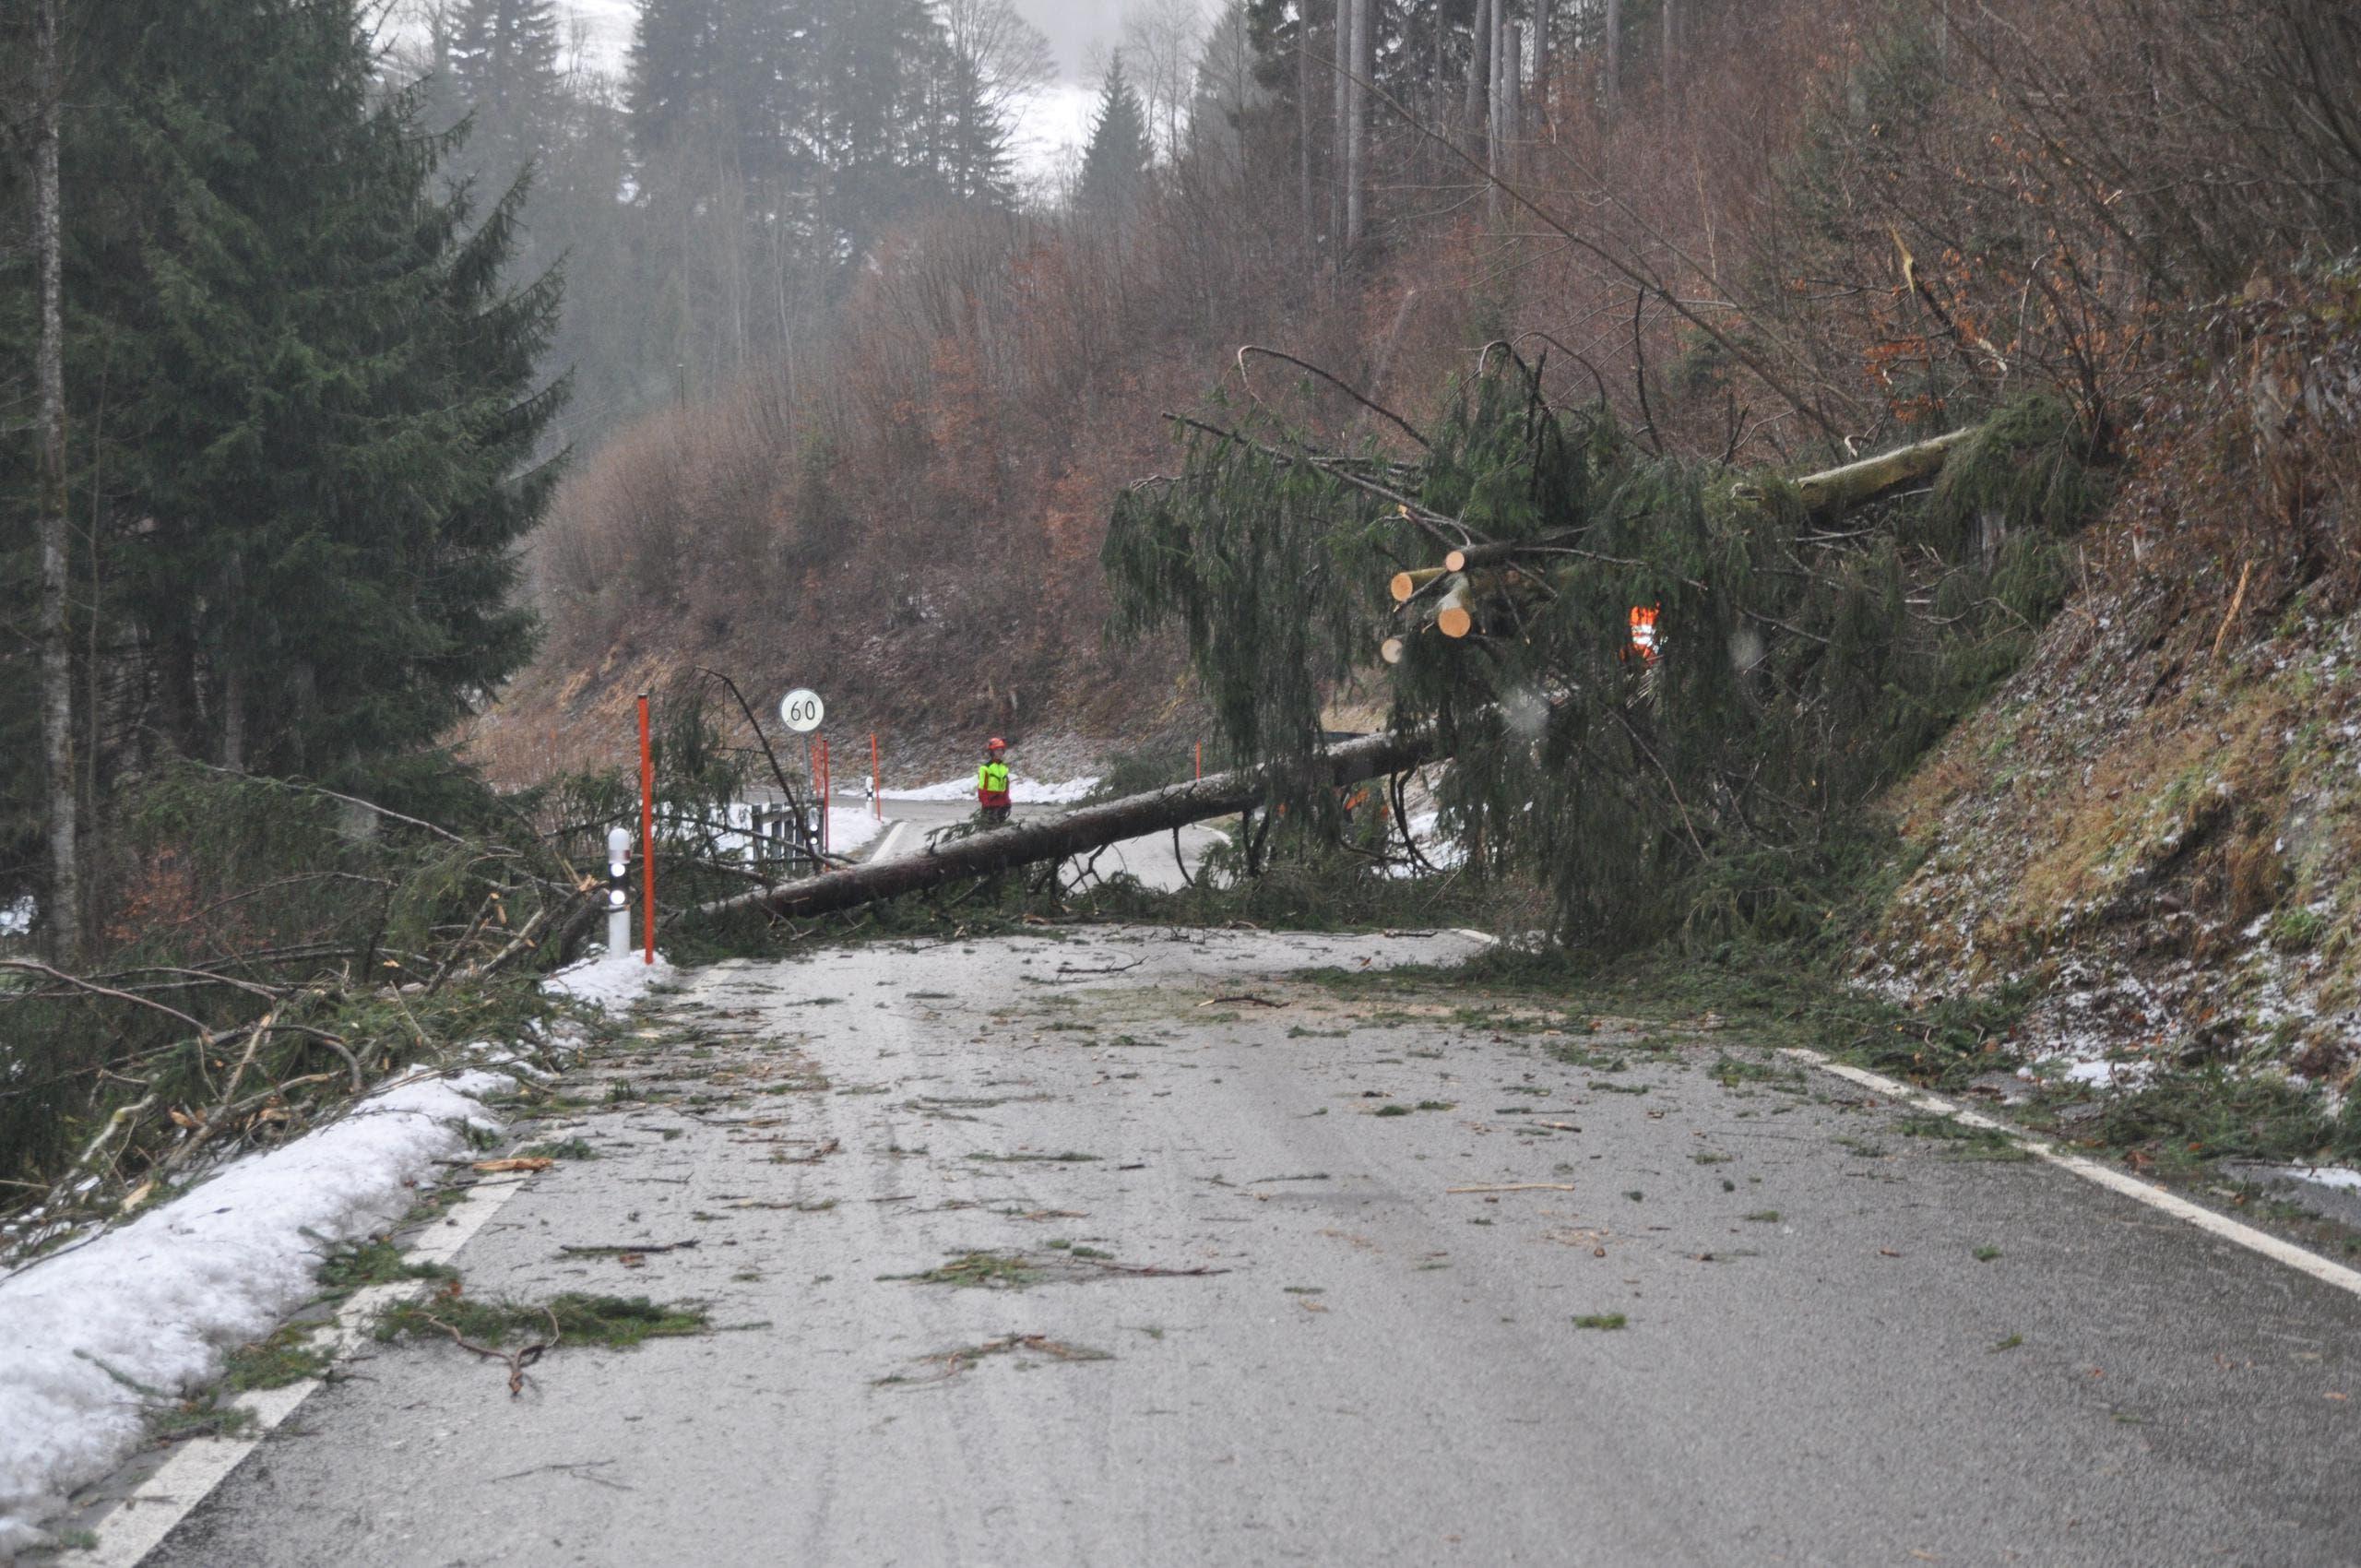 Bei der Kantonalen Notrufzentrale der Polizei in Herisau gingen verschiedene Meldungen über umgestürzte Bäume ein. ein Baum in Schwellbrunn versperrte gar die Strasse. (Bild: Kapo AR)